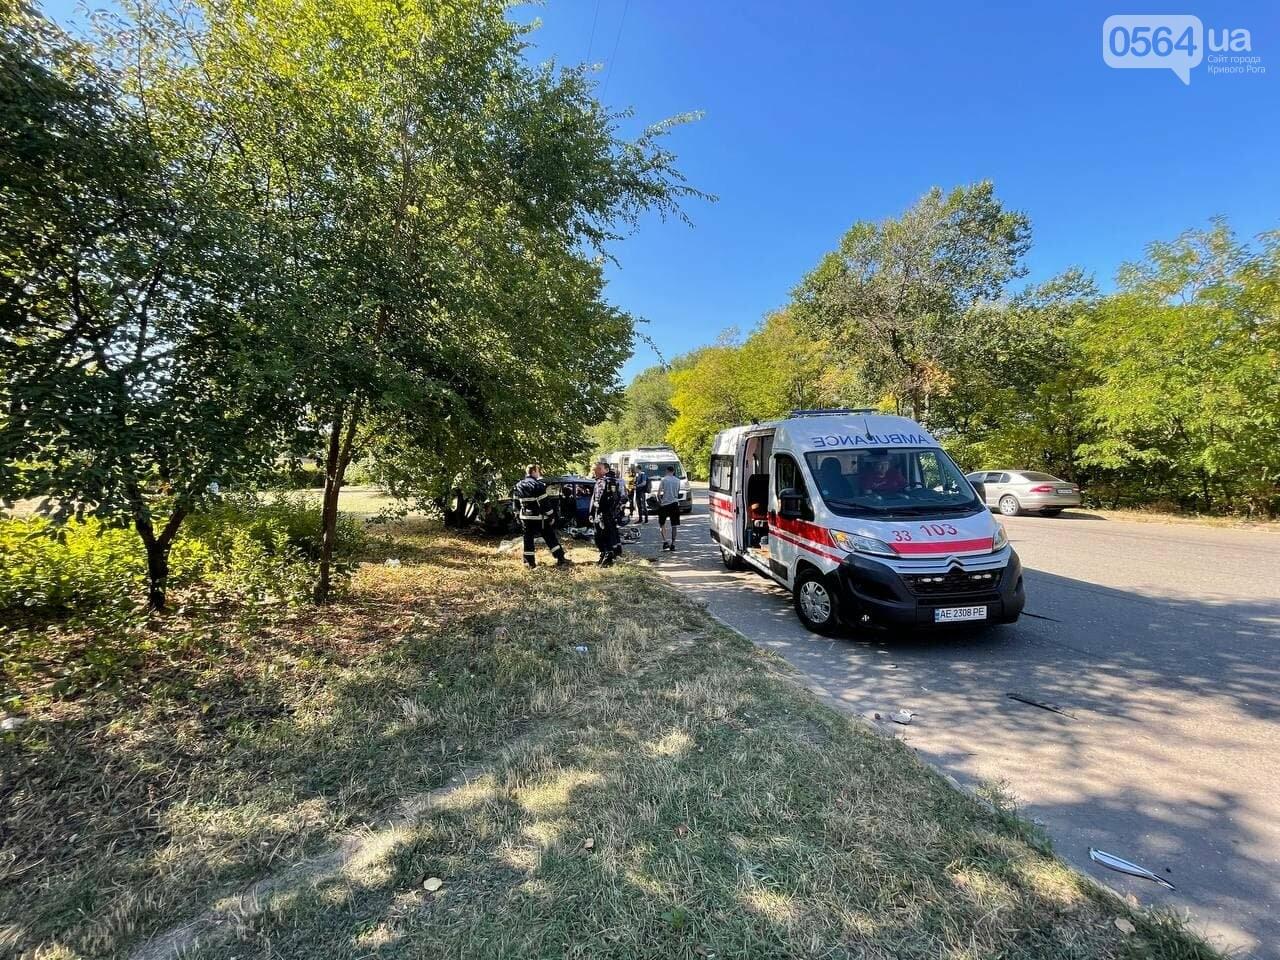 Два человека пострадали в аварии возле объездной дороги в Кривом Роге, - ФОТО, фото-4